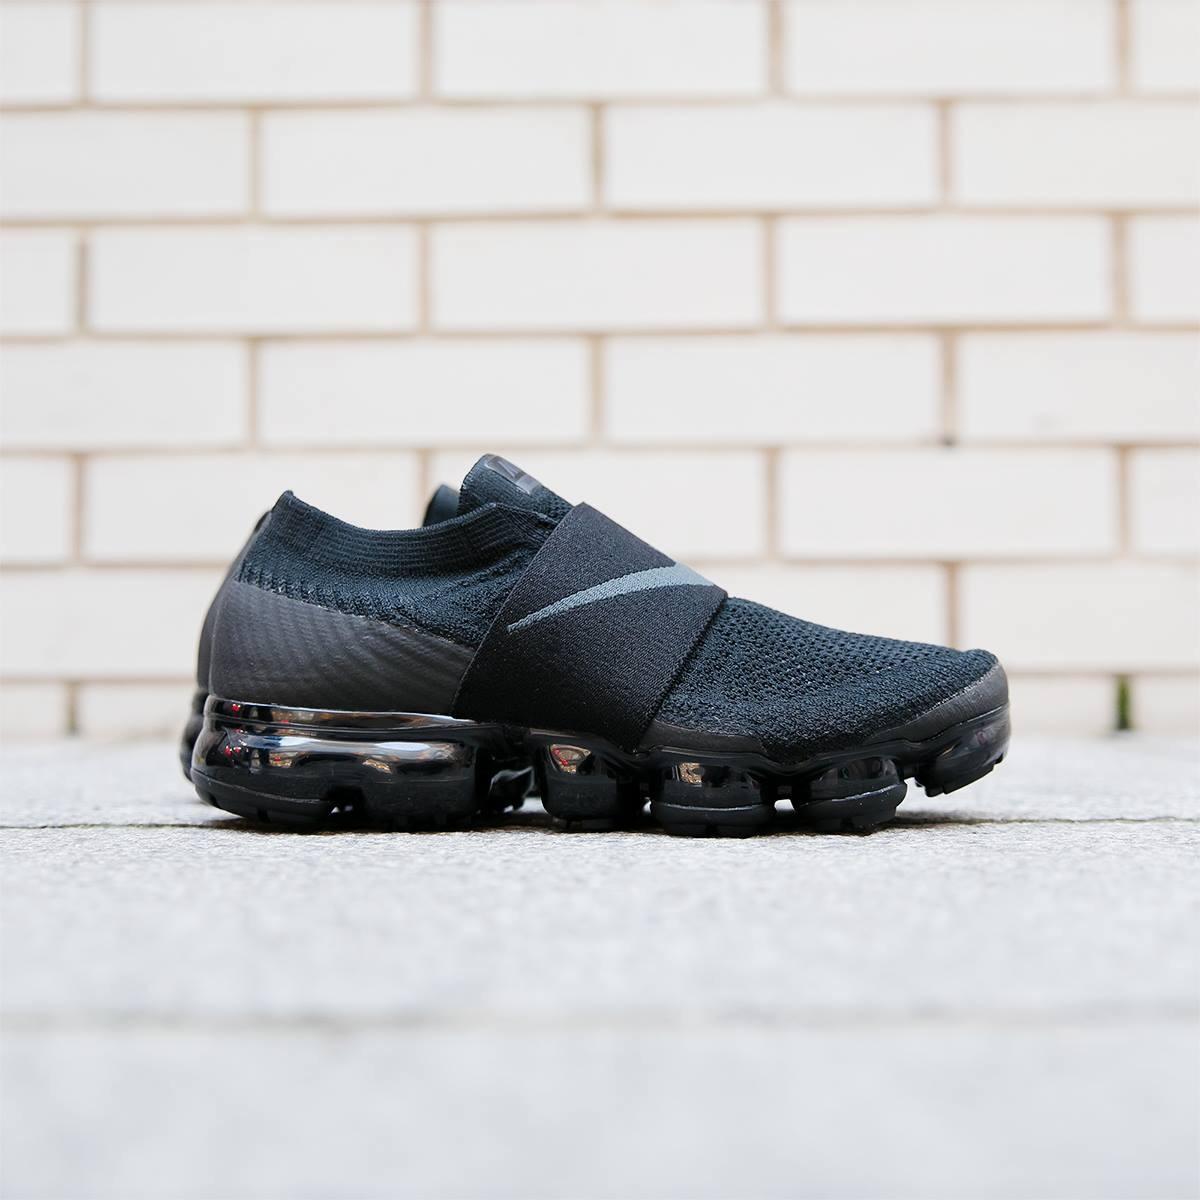 Schwarzer Freitag. Das Beste Von Allem Schweiz Herren Nike